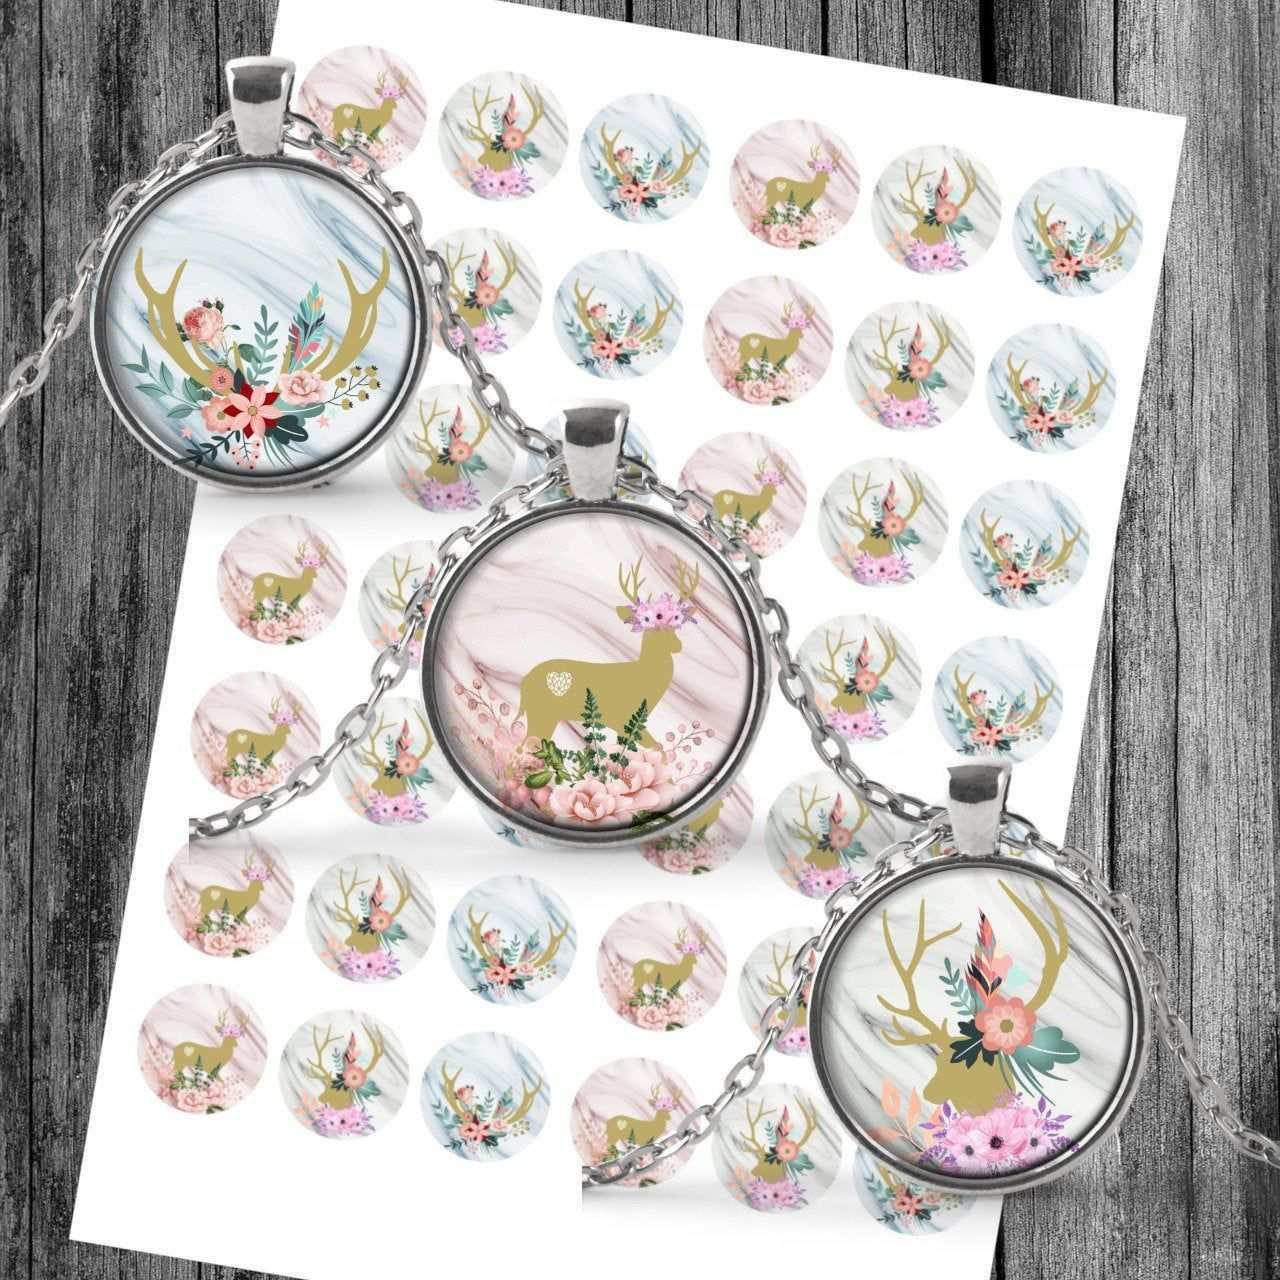 Cabochon Vorlagen Digital Download Template Deer Collage Fur Etsy Etsy Gifts For Him Etsy Seller